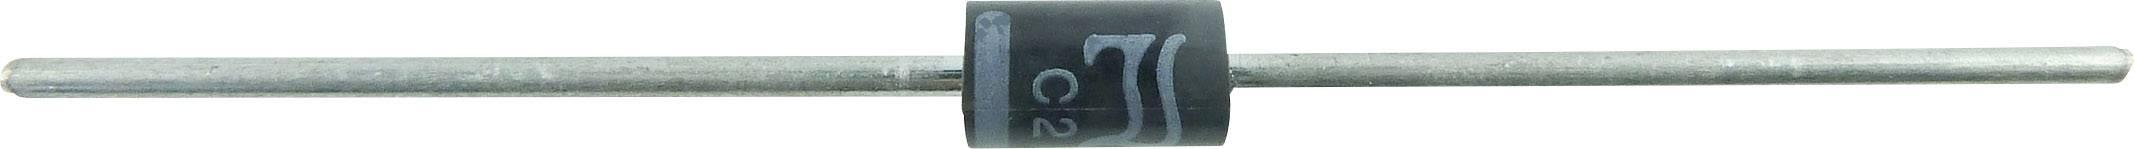 Kremíková usmerňovacia dióda Diotec 1N5408 1N5408 3 A, 1000 V